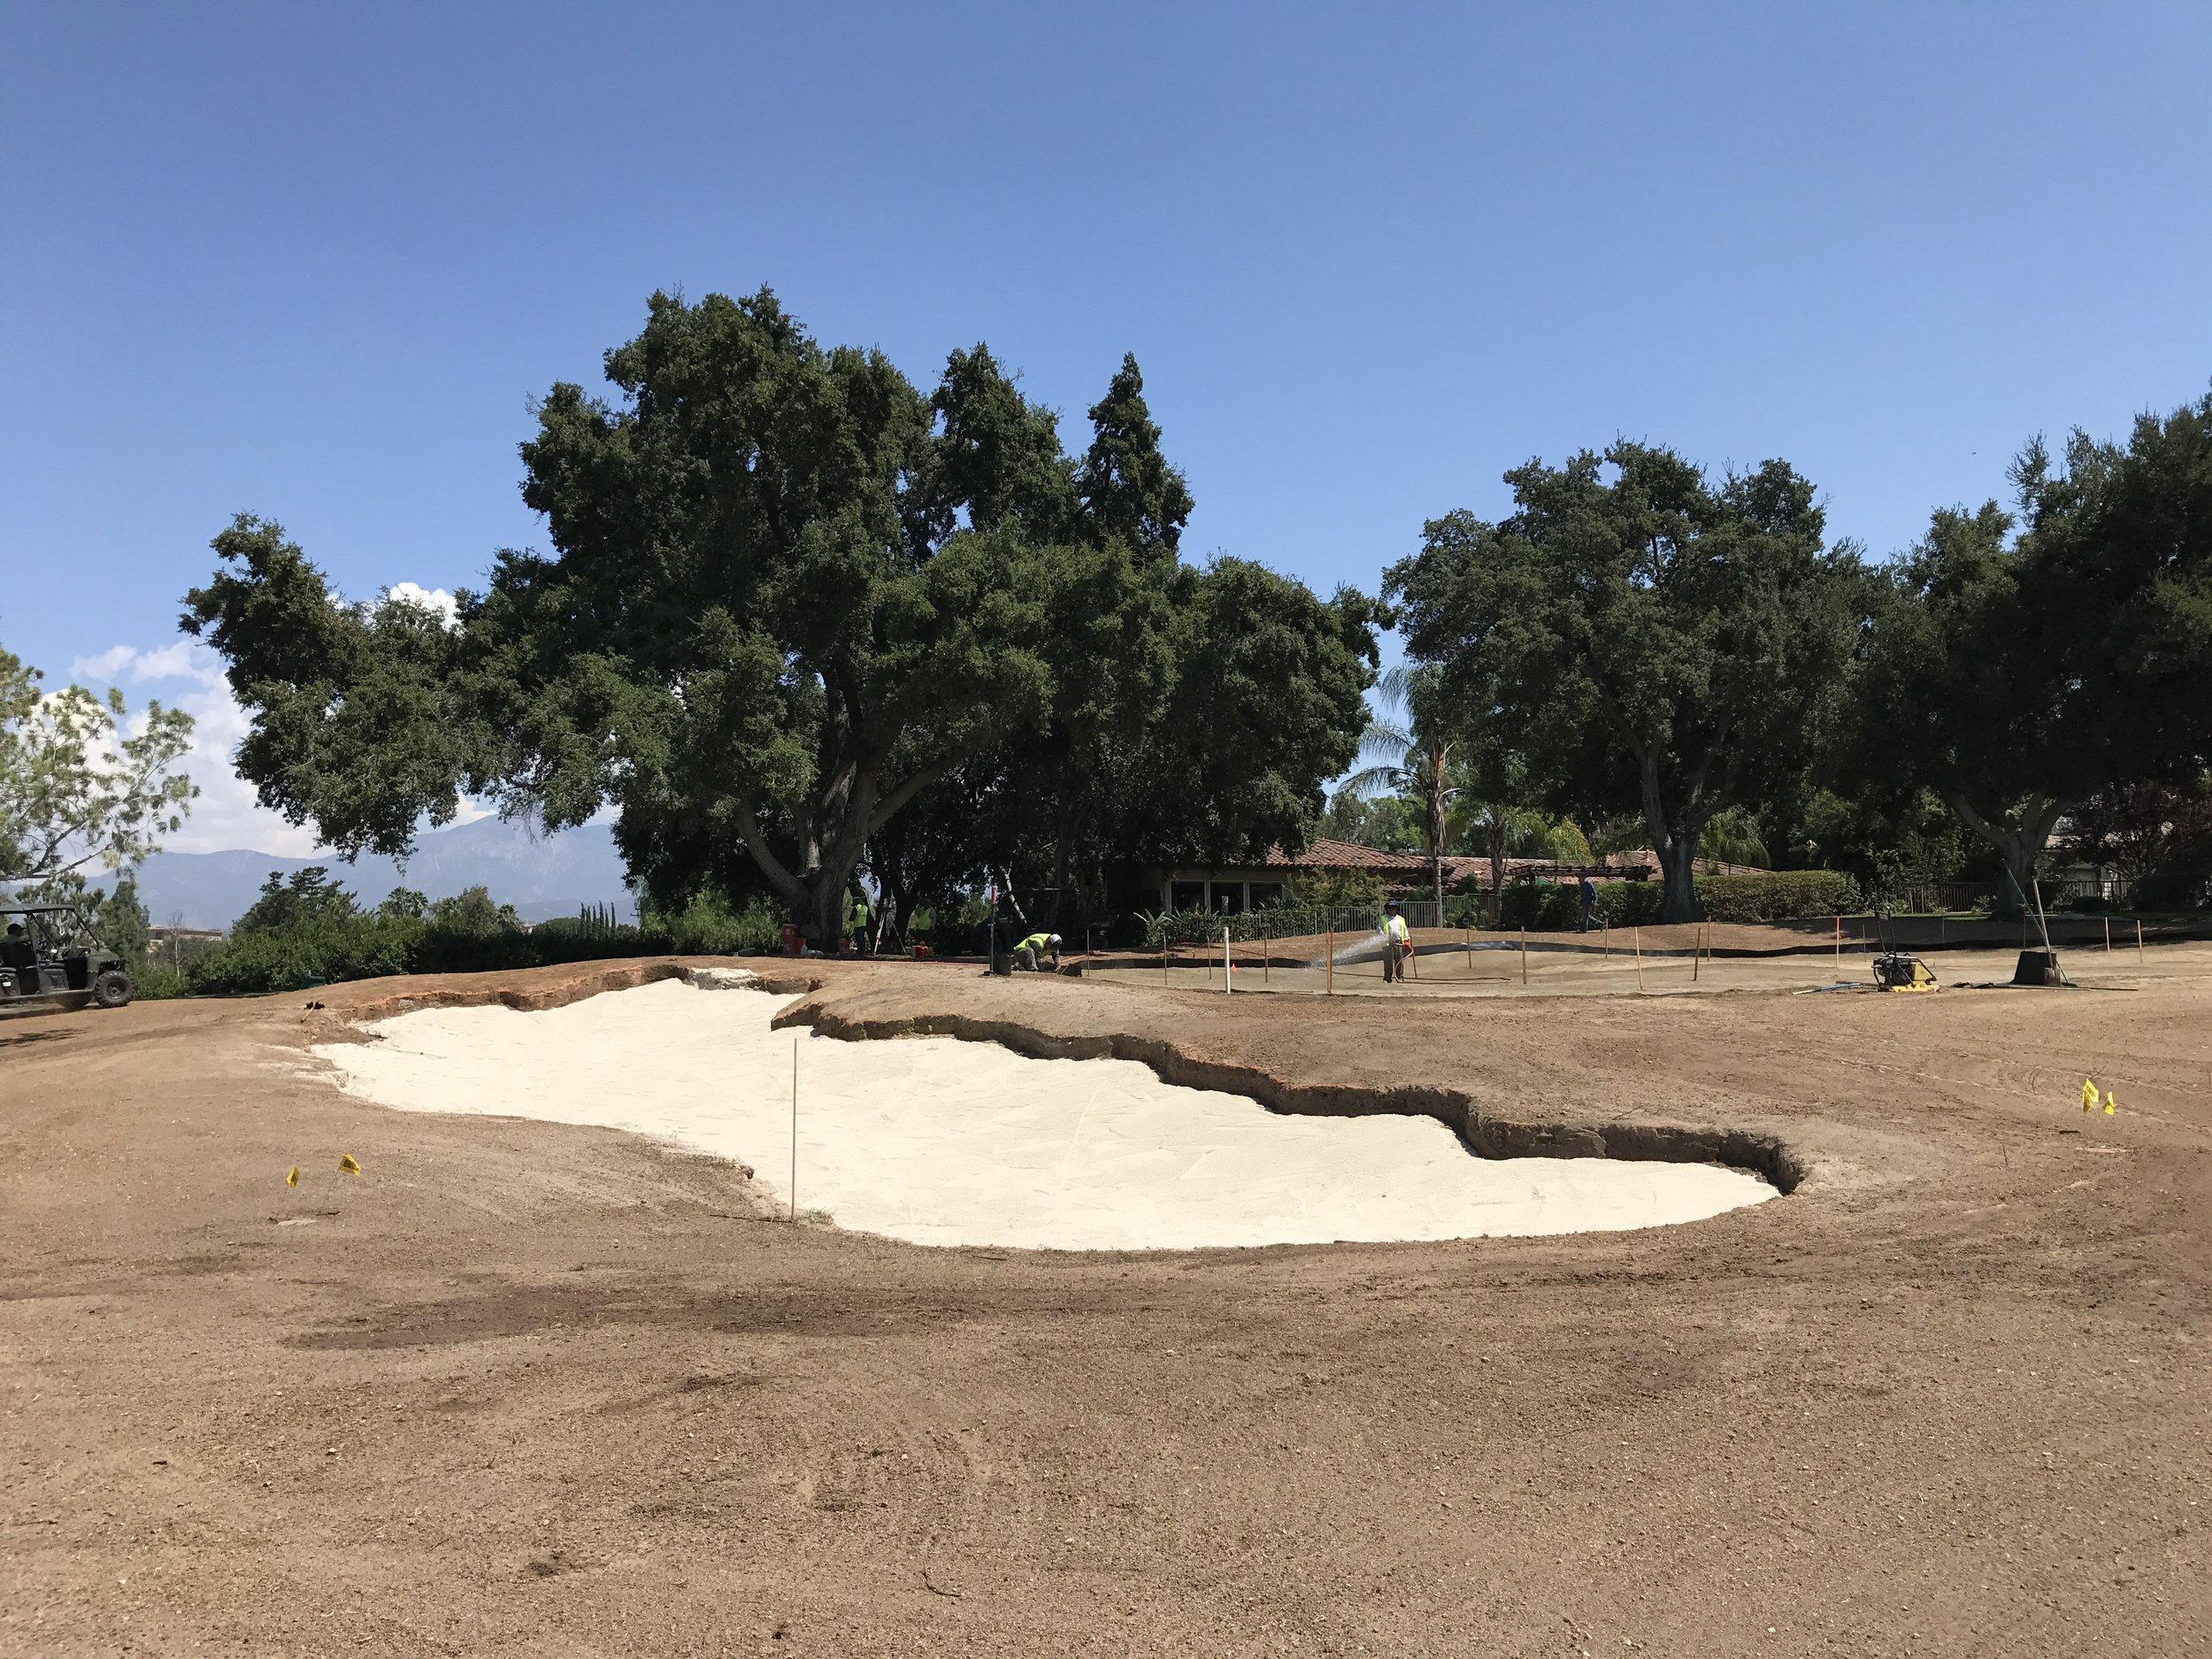 hochstein-design-2017-the-work-redlands-hole-2-left-bunker-sand.JPG